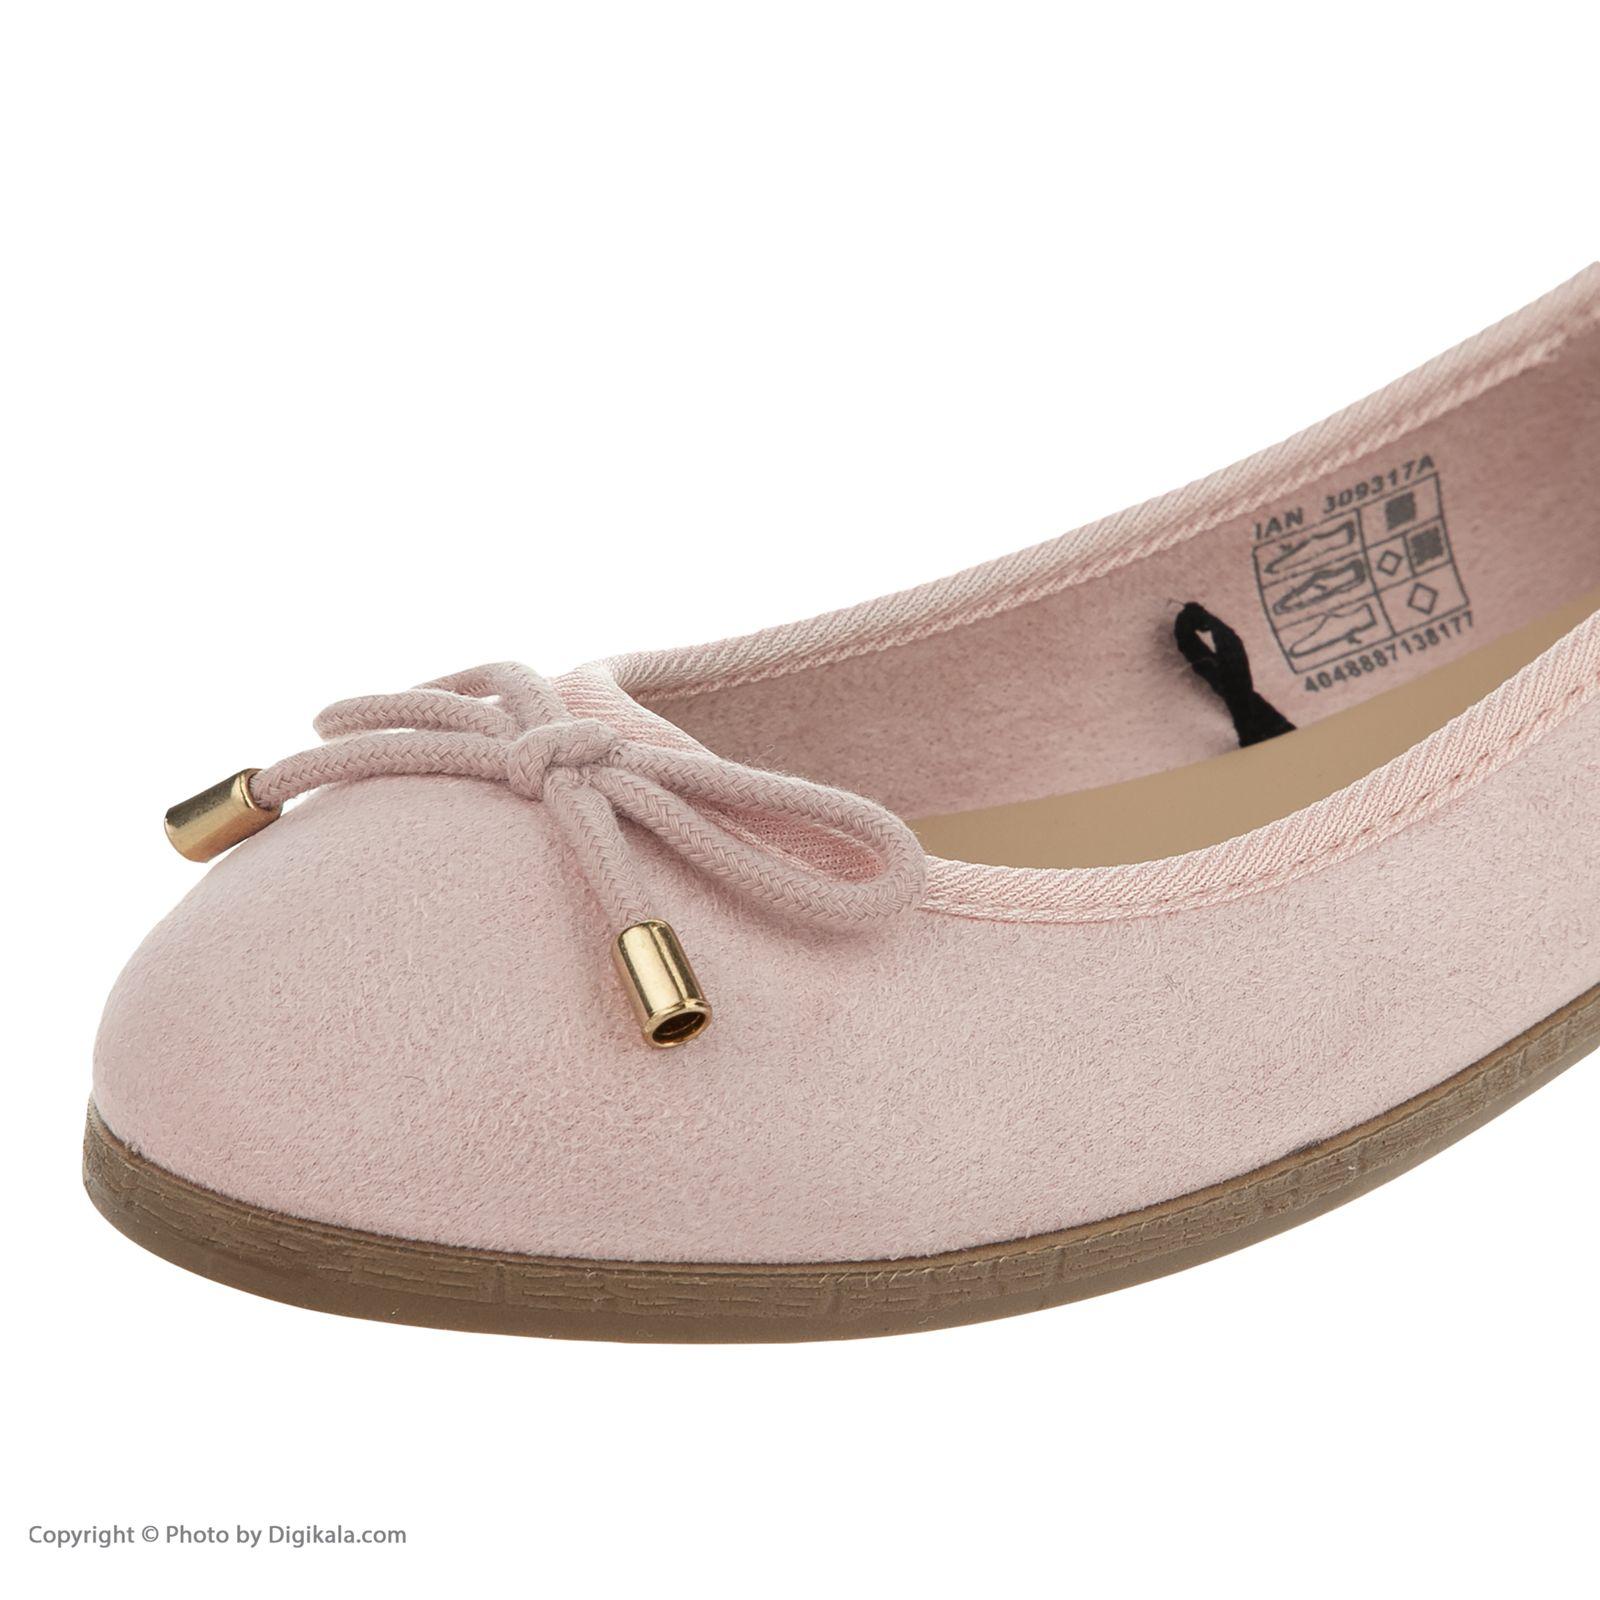 کفش زنانه اسمارا کد Esh05 -  - 4